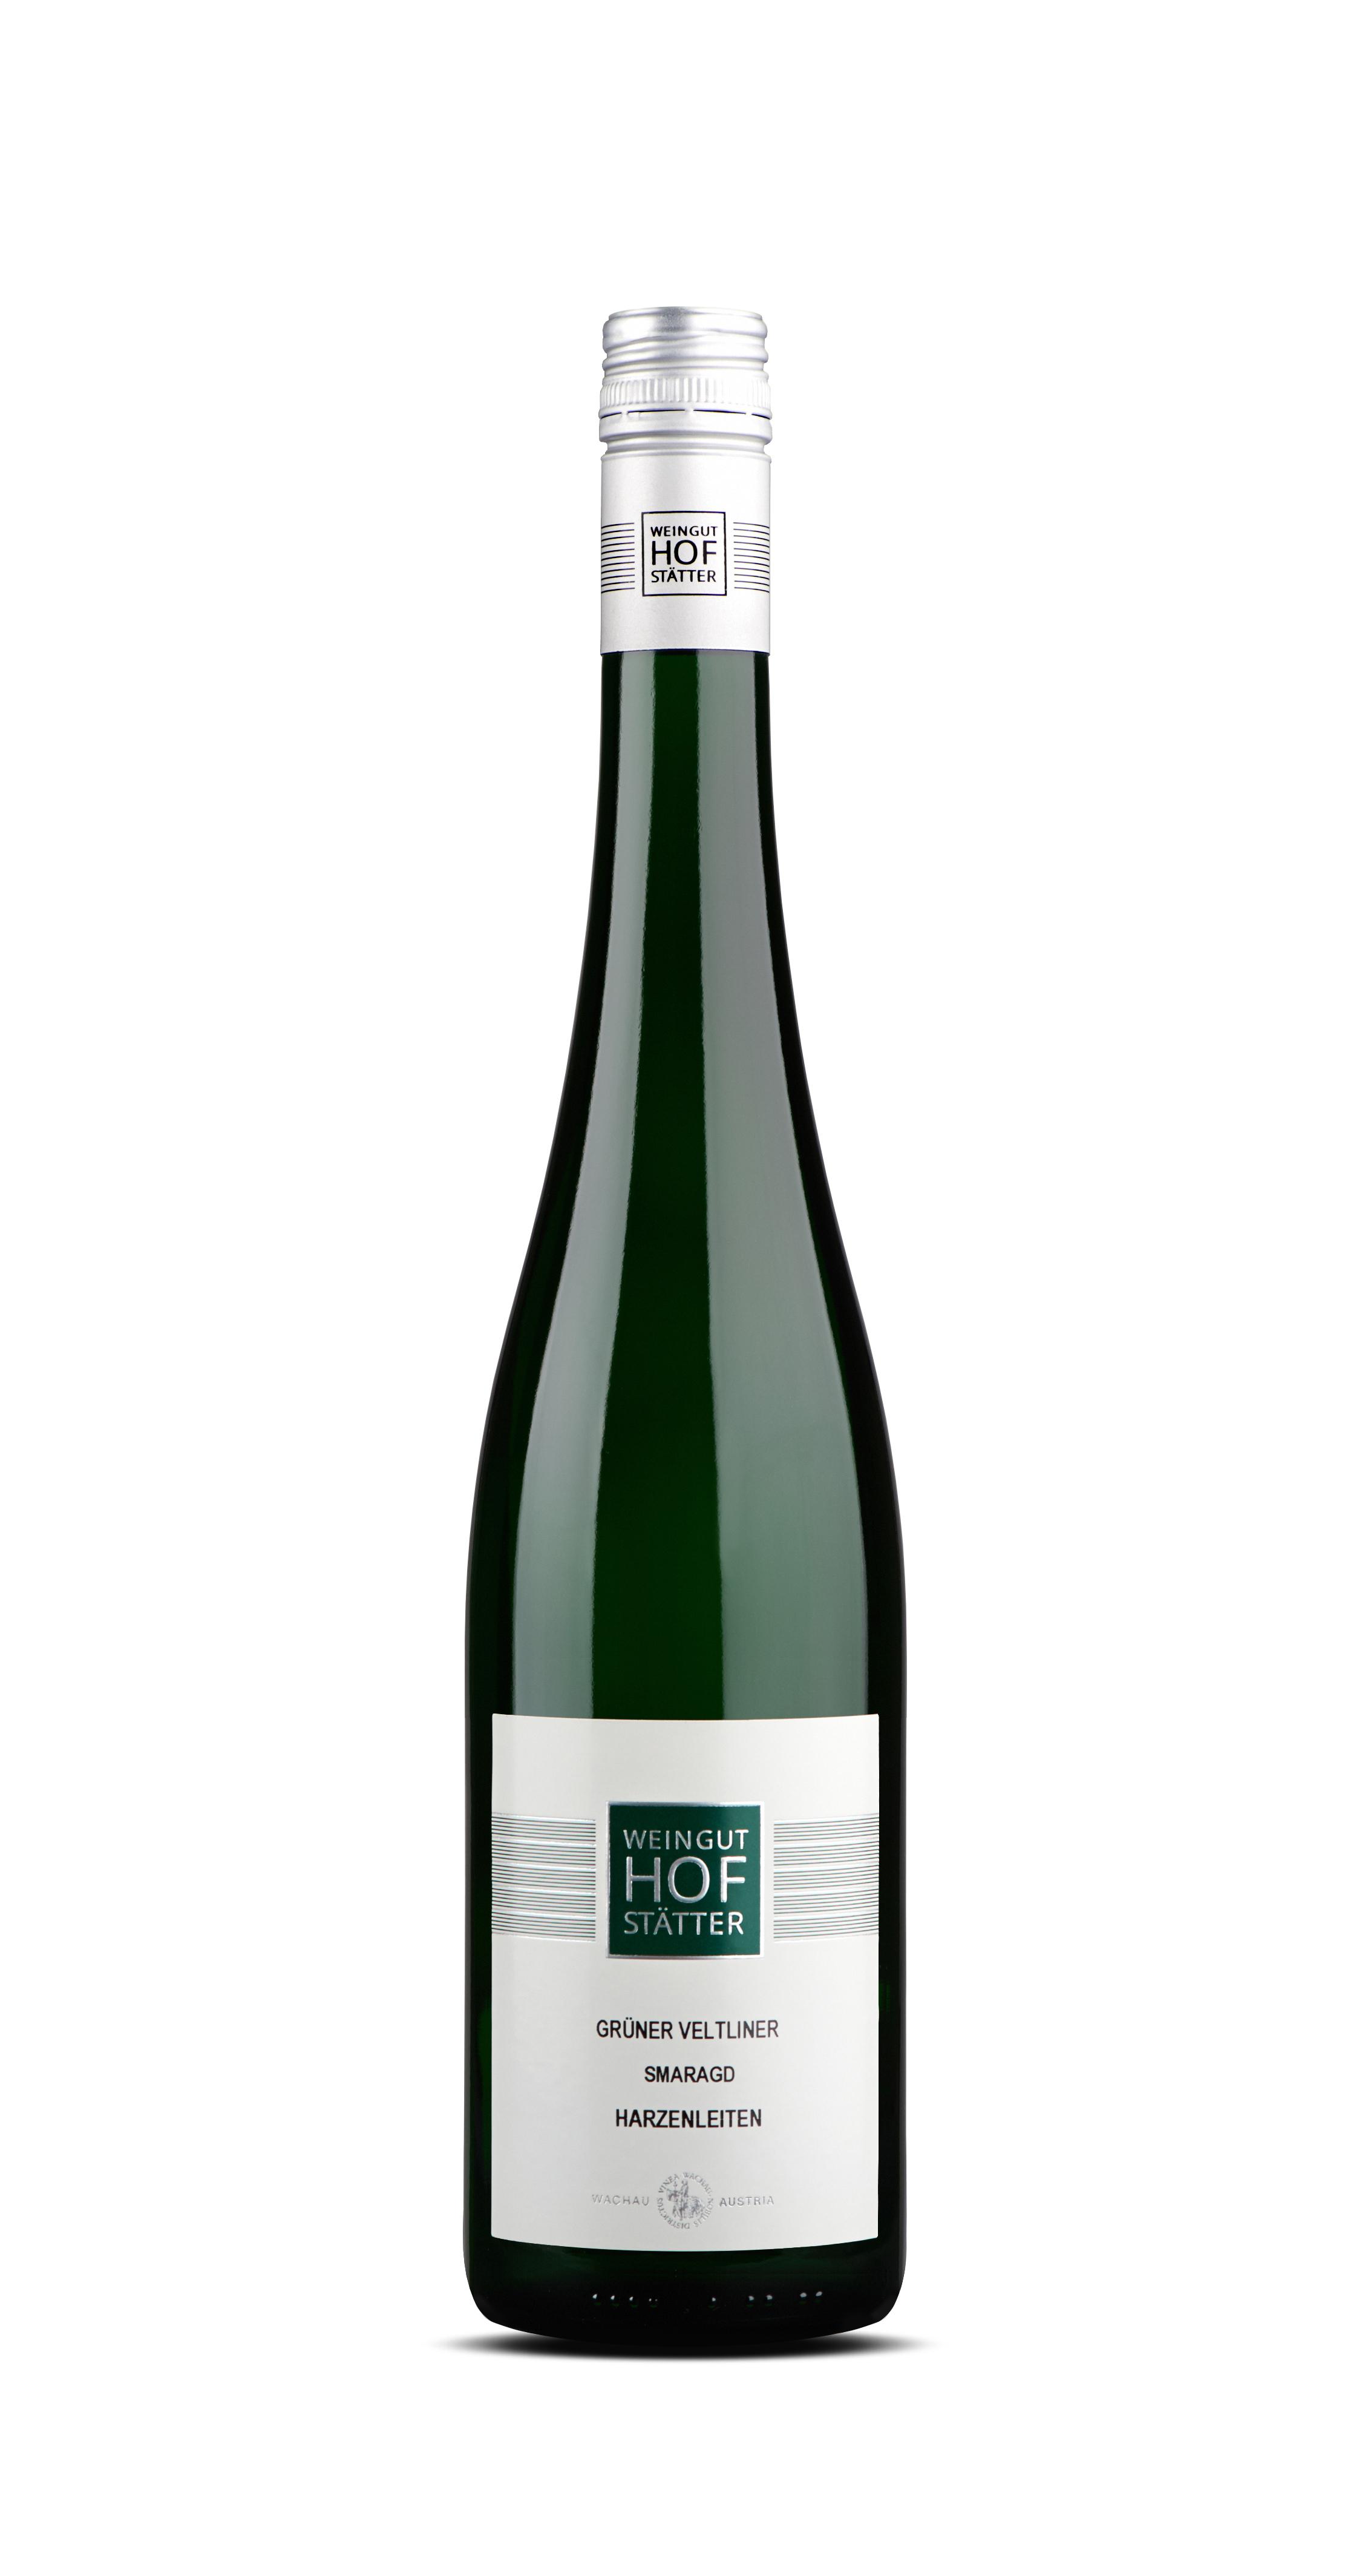 HOFSTÄTTER | Grüner Veltliner Smaragd